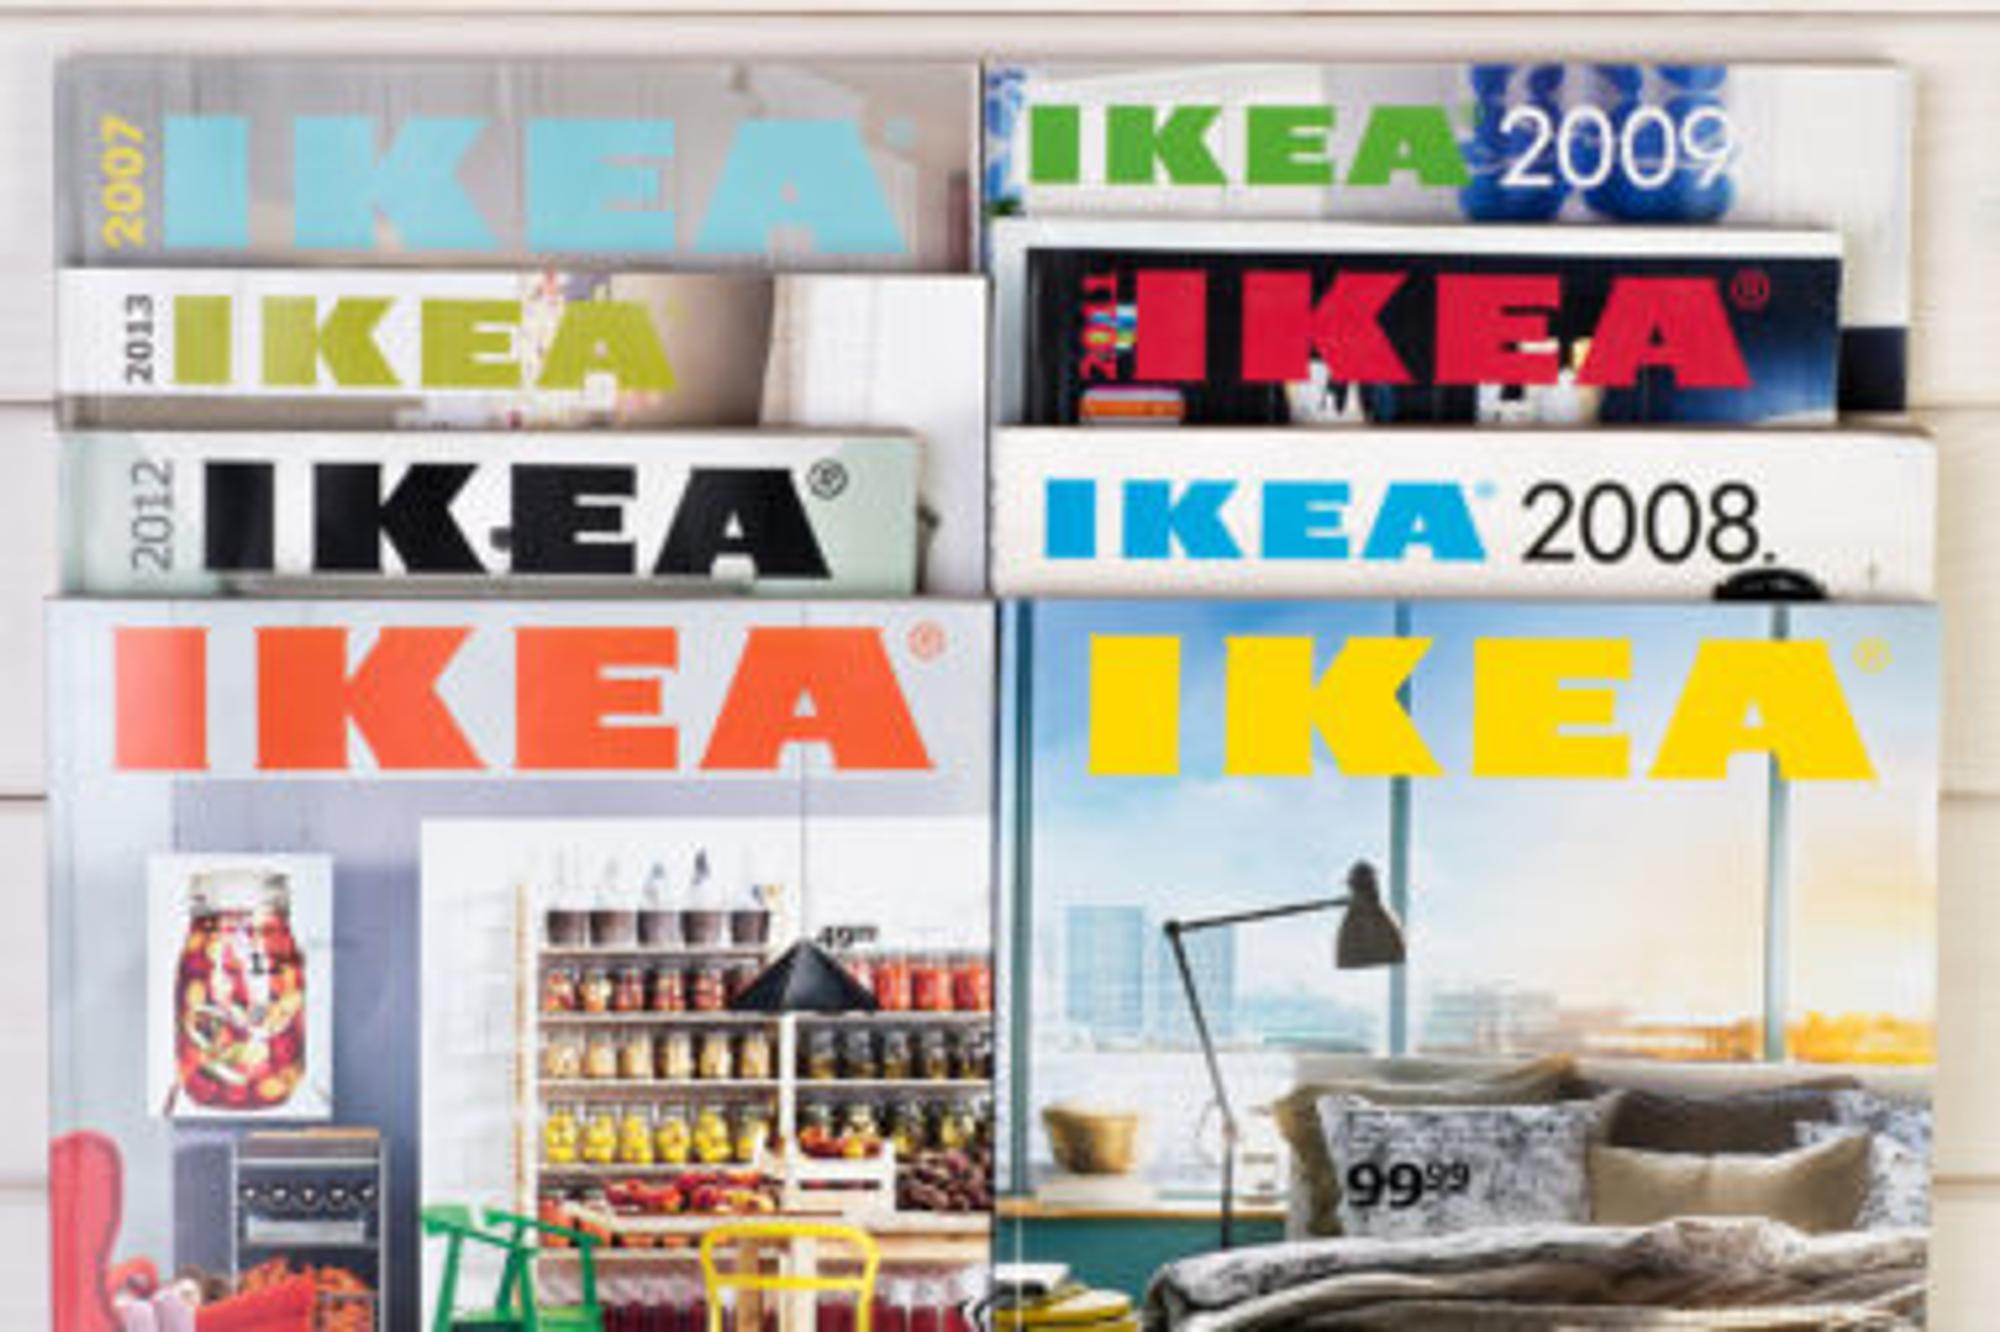 Ikea Kataloge der letzten Jahre